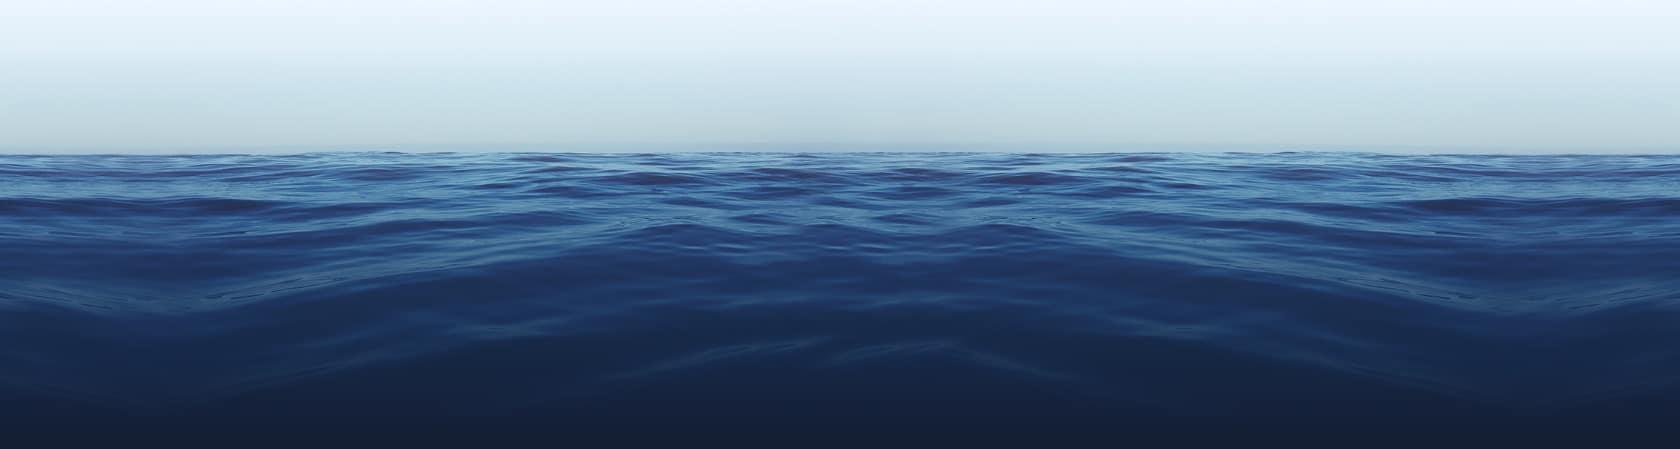 calm deep blue water